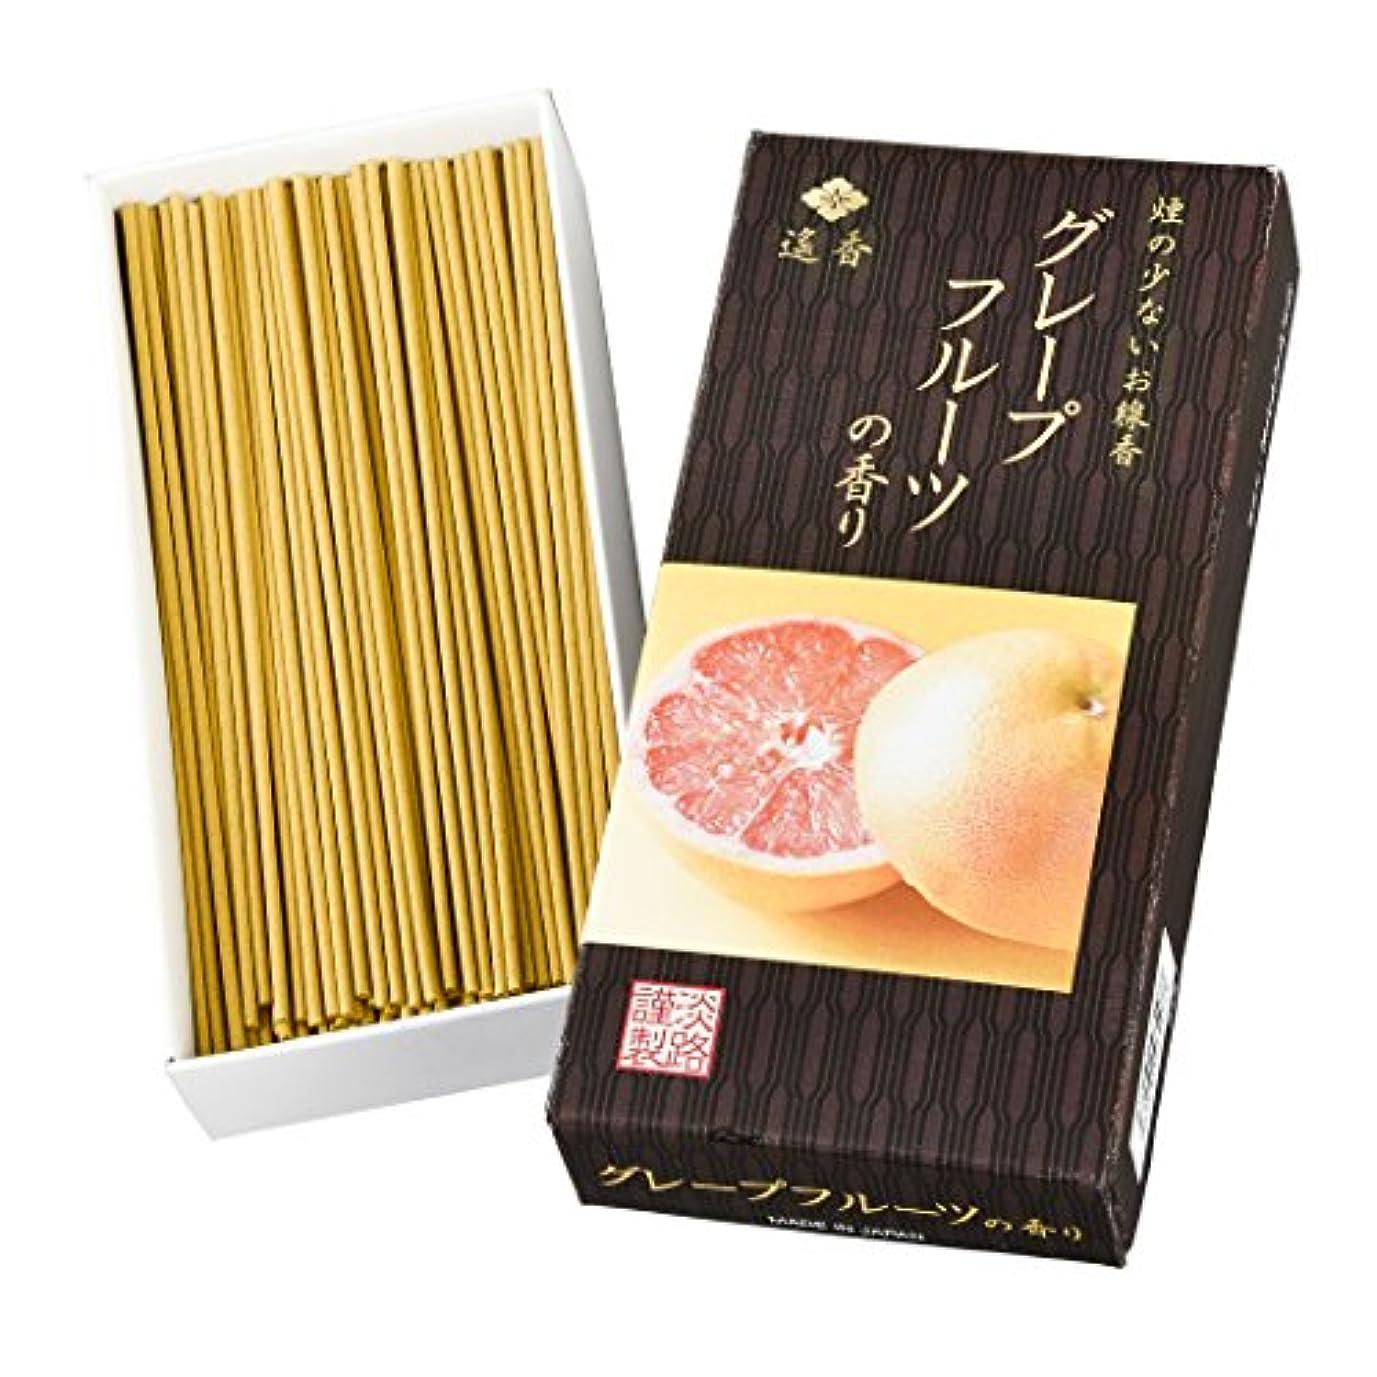 合金撤退会社遙香 グレープフルーツの香り 3個セット